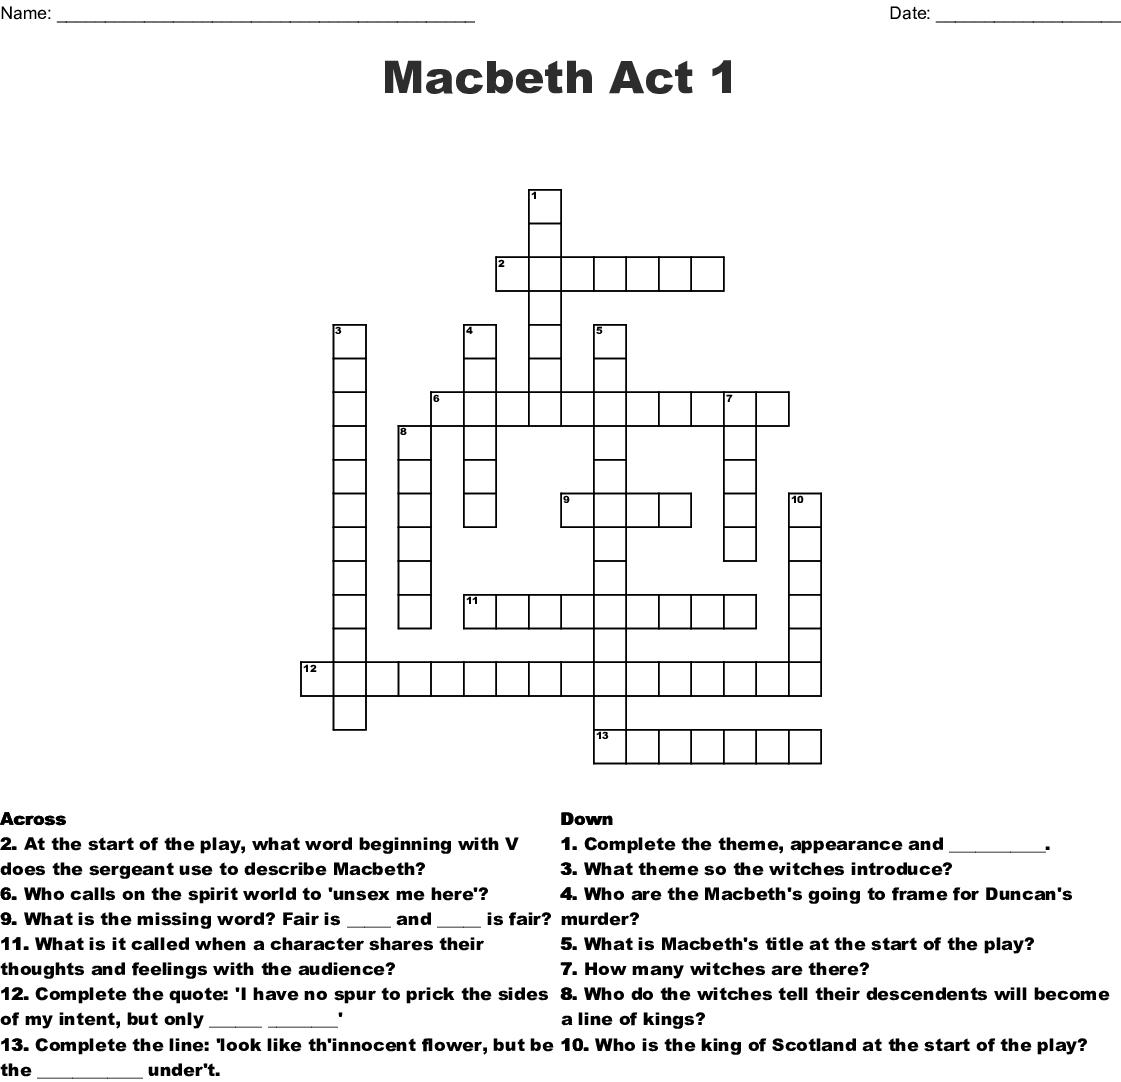 Macbeth Crossword